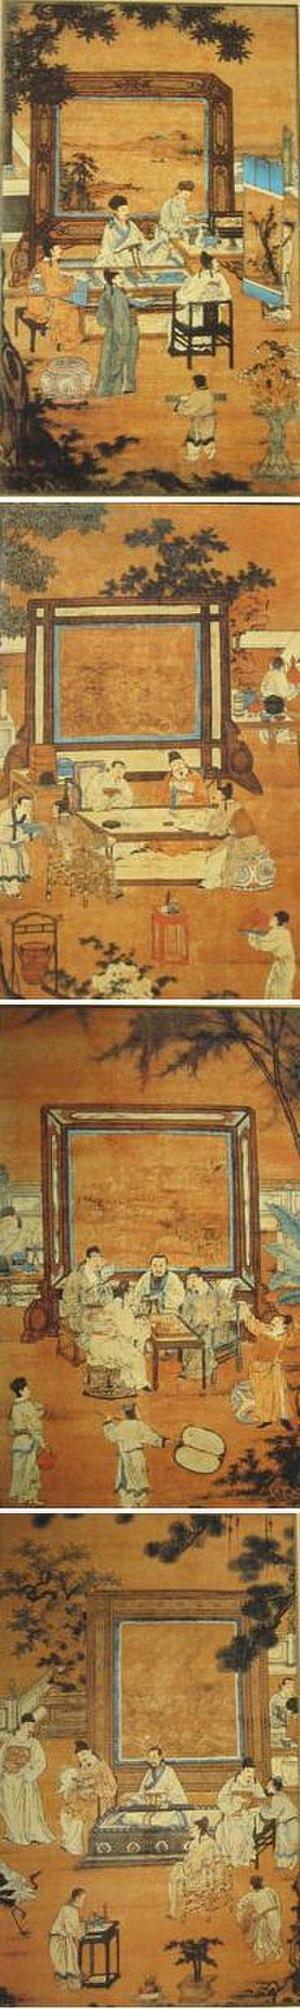 The Scholars (novel) - Image: Du Jin Chinesische Gelehrte